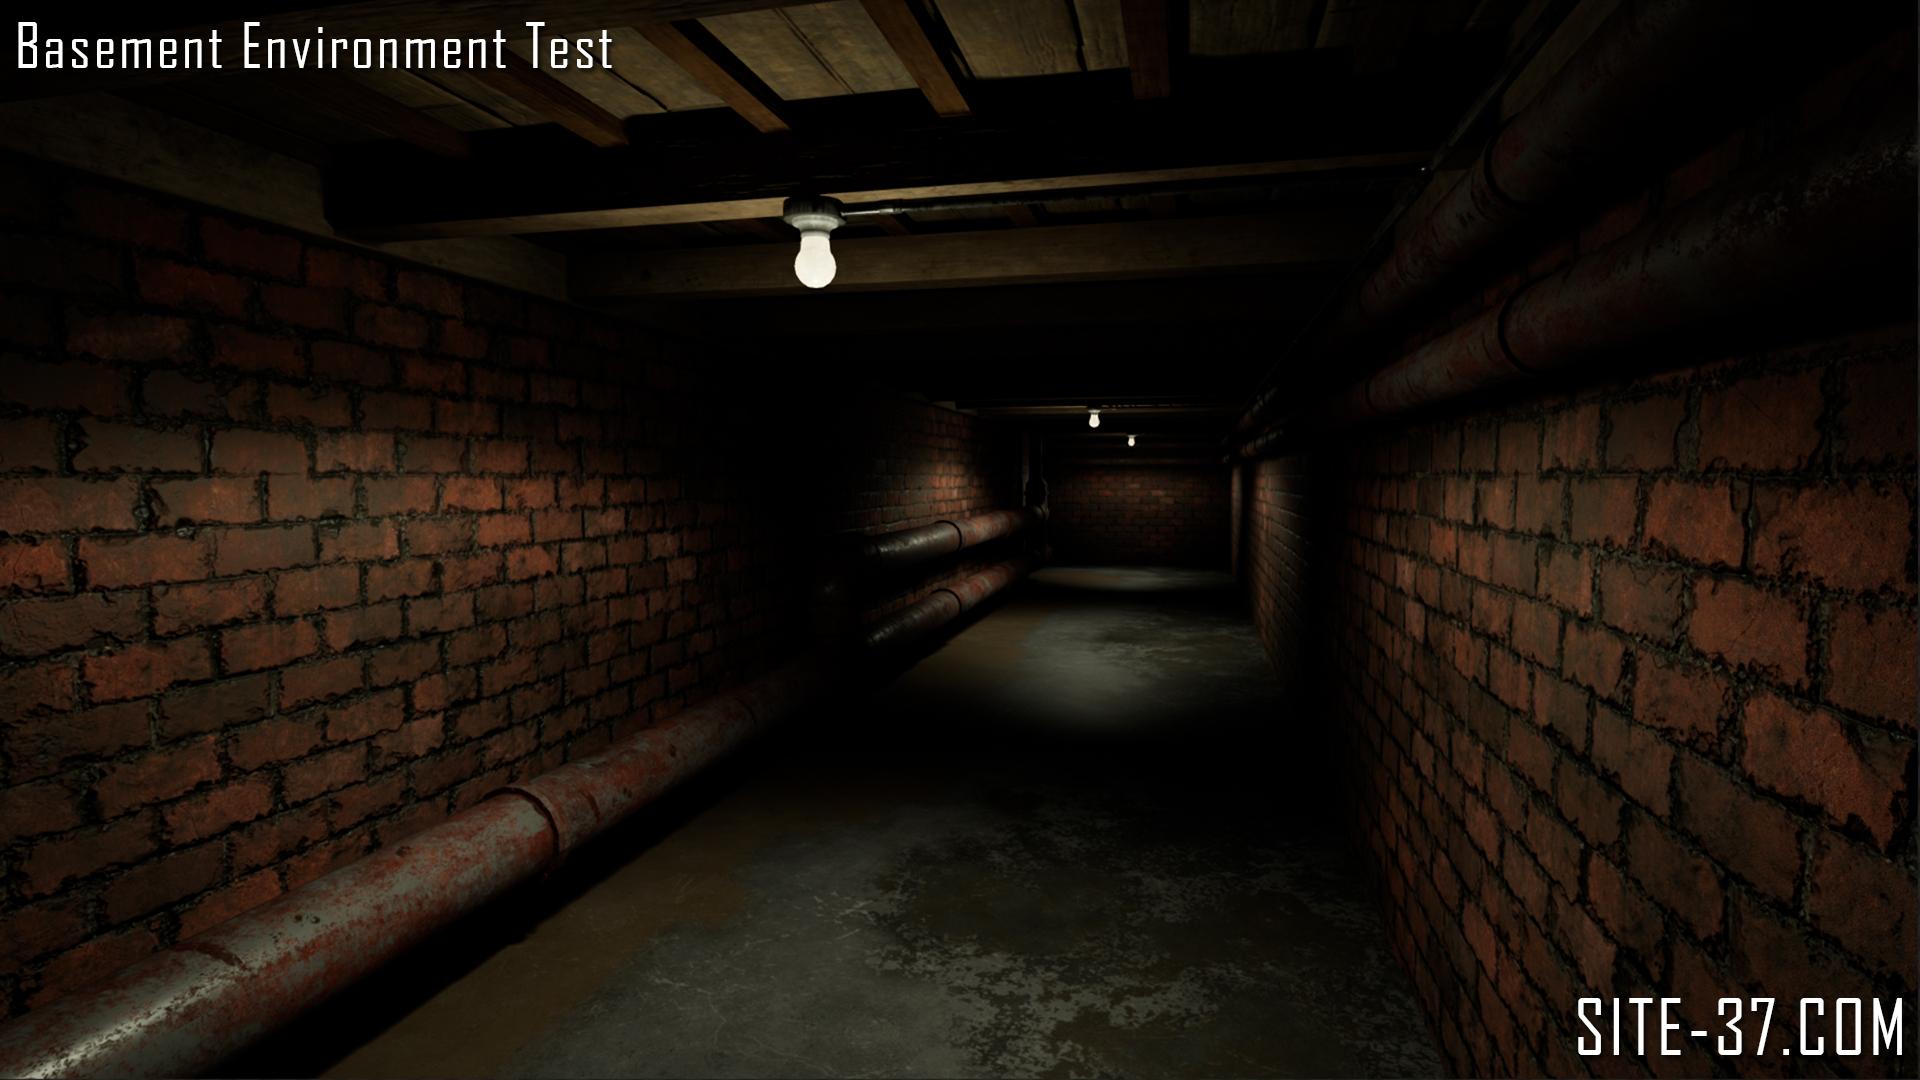 basementenvtest_001.jpg